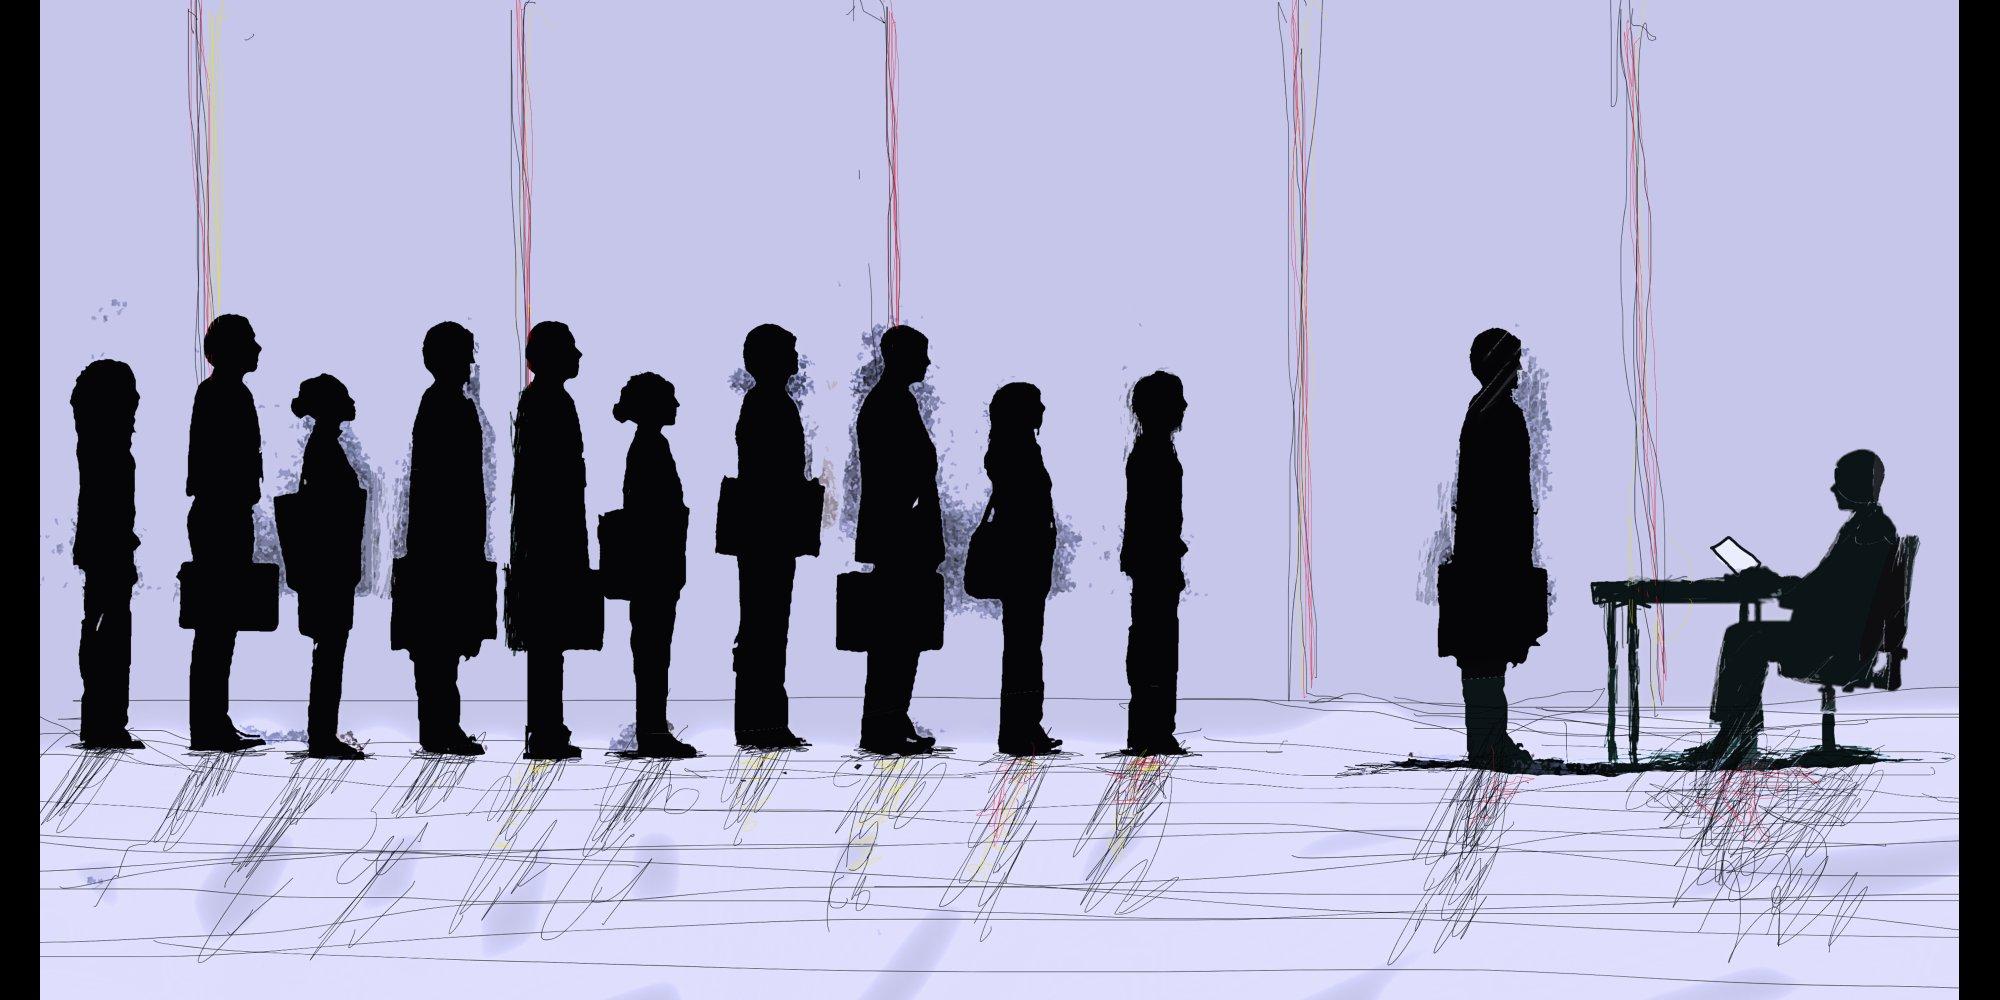 إعانات البطالة الأمريكية تتجاوز التوقعات وترتفع بواقع 294 ألف